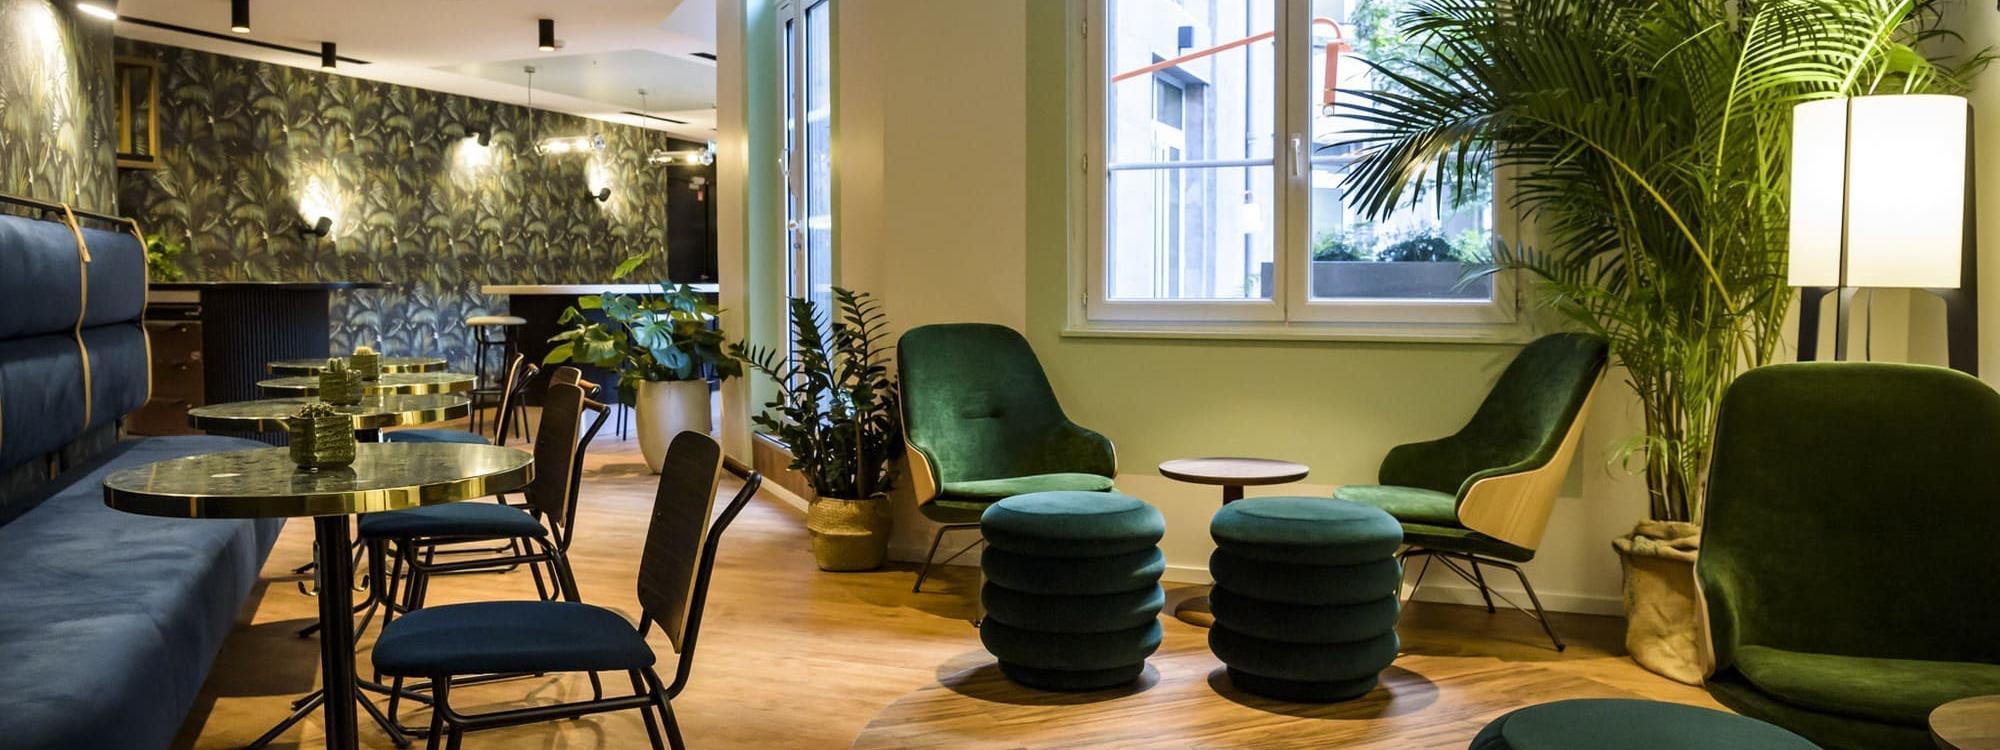 Wellio Gare de Lyon - Bureaux flexibles en Coworking à Paris 12